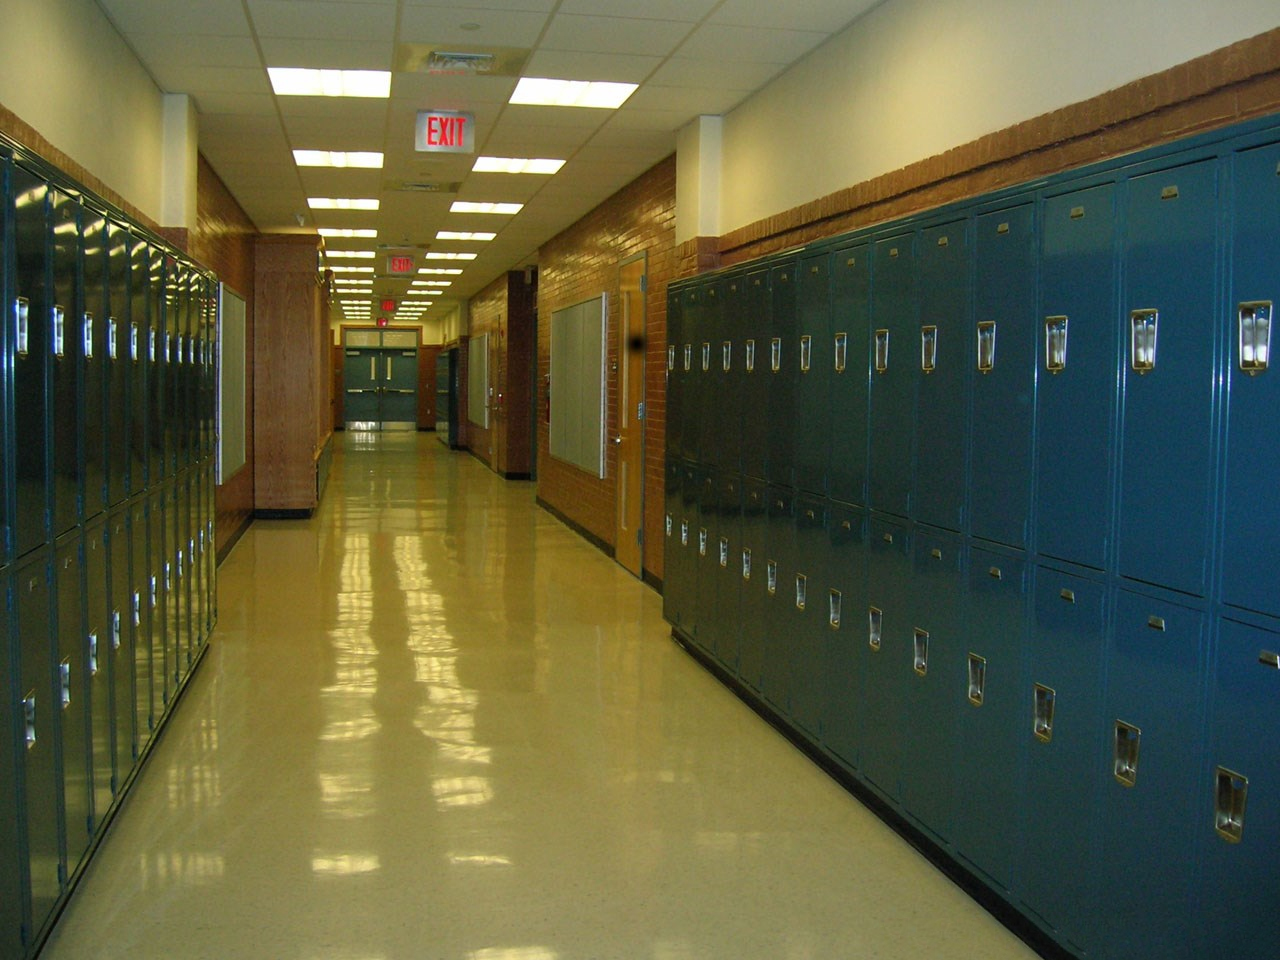 school hall way_1553615073943.jpg.jpg